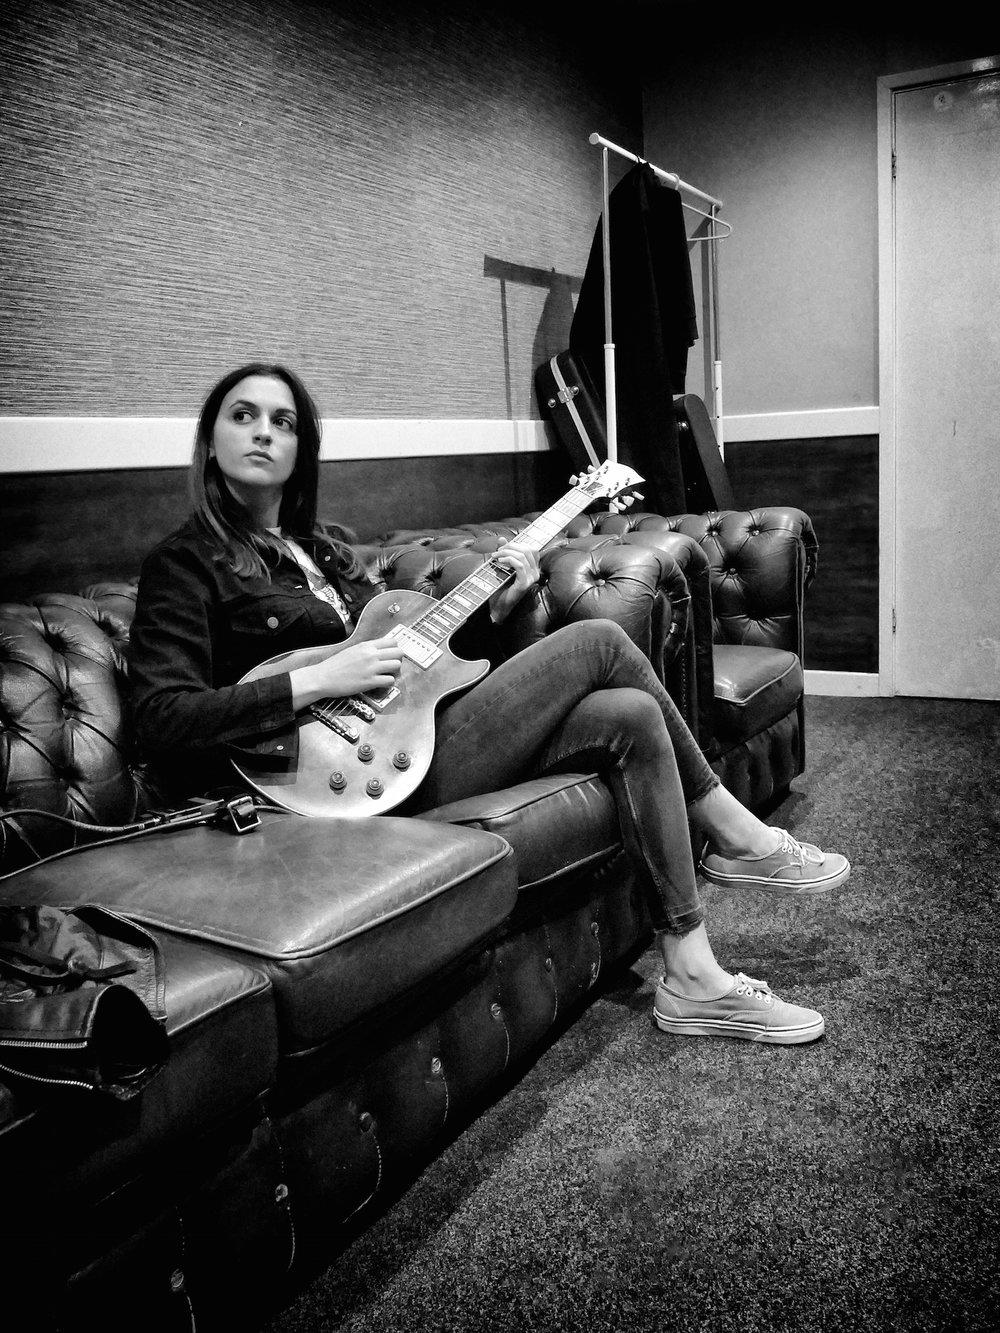 Laura Cox, backstage in Leeds, UK tour 2018